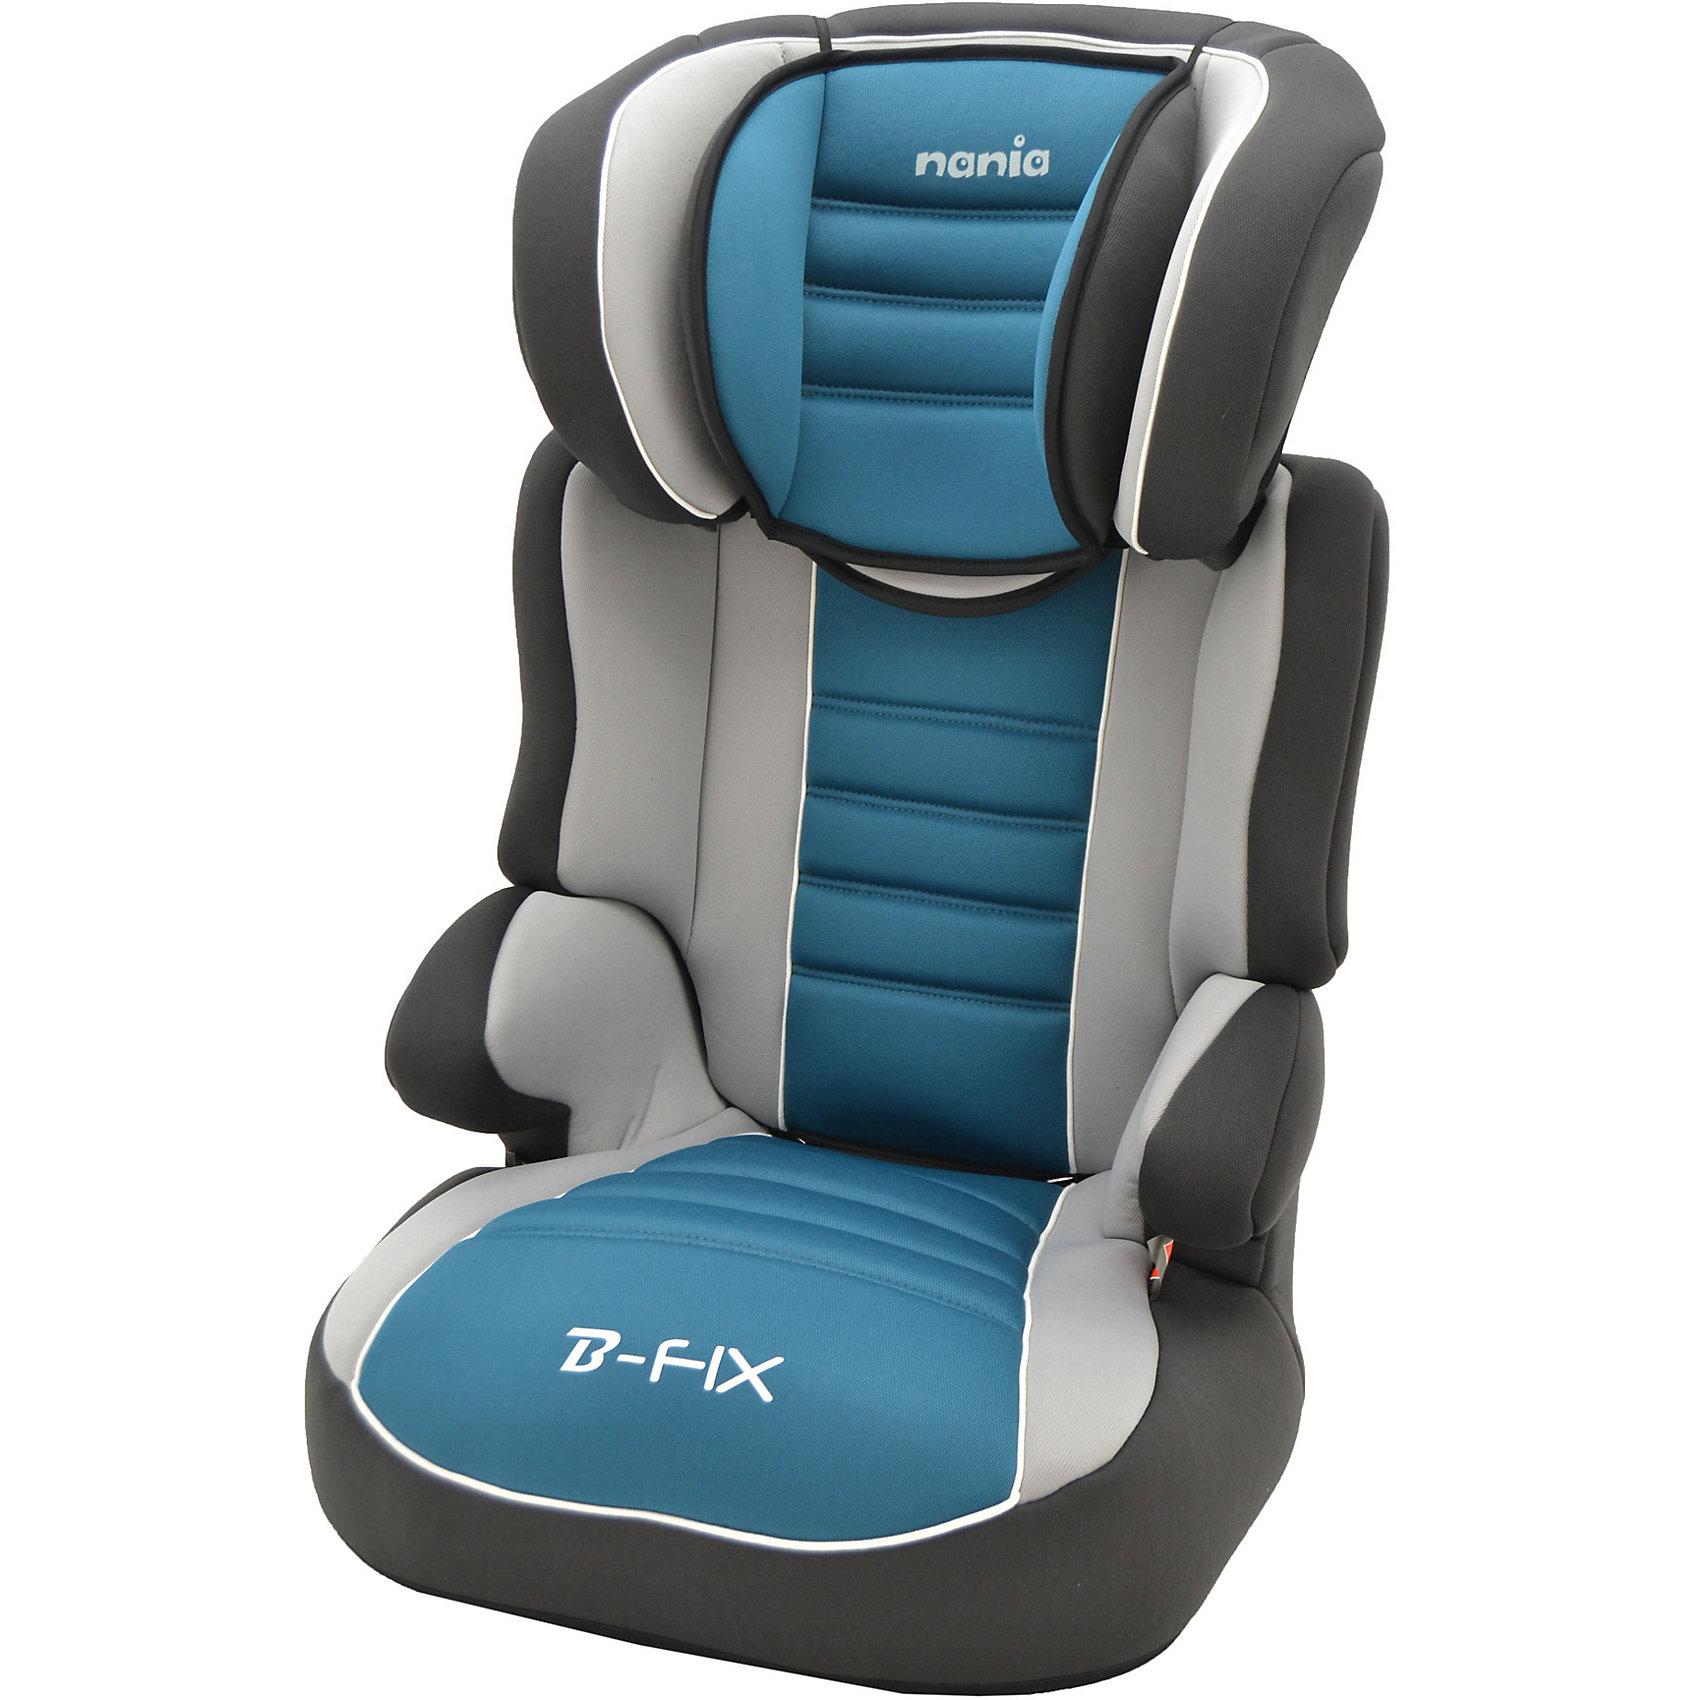 Автокресло Befix SP LX  15-36 кг., Nania, agora petroleАвтокресло nania Befix SP (наня Бефикс) относится к группе 2/3, от 3 до 12 лет  <br>Серия LUXE - для самых требовательных. Кресло nania Befix SP Luxe имеет более привлекательный дизайн, а обивка - больше поролона, что обеспечит ребенку максимальный комфорт. Пожалуй, это самое доступное и безопасное кресло в России, произведеное в Европе (Франция).<br>nania Befix SP  это два кресла в одном. Когда ребенок подрастет, спинку автокресла можно отстегнуть и использовать только бустер. <br>Автокресло nania Befix SP было разработано согласно самым жестким требованиям безопасности, а также учитывая ортопедические факторы: мягкая приятная на ощупь обивка и анатомичная форма. Ваш ребенок будет чувствовать себя комфортно даже в дальних поездках.  <br>Широкие мягкие подголовник, спинка и подлокотники обеспечат дополнительный комфорт и безопасность маленького пассажира даже в случае бокового столкновения. Высоту подголовника можно регулировать по высоте, кресло растет вместе с Вашим ребенком. <br>Все тканевые части легко снимаются и стираются.<br><br>Технические характеристики:<br>- Внешние размеры (Д х Ш х В): 45 х 45 х 72-88 см<br>- Размеры сиденья (Д х Ш): 34 х 30 см<br>- Высота спинки: 64-75 см<br>- Монтаж в автомобиле: Задний диван или сиденье пассажира<br>- Направление установка: по ходу движения<br>- Регулировка подголовника: 6 раз<br>- Вес: 4,2 кг<br>- Система крепления: 3-точечные ремни безопасности автомобиля<br><br>Ширина мм: 450<br>Глубина мм: 450<br>Высота мм: 880<br>Вес г: 4900<br>Возраст от месяцев: 36<br>Возраст до месяцев: 144<br>Пол: Унисекс<br>Возраст: Детский<br>SKU: 5507032